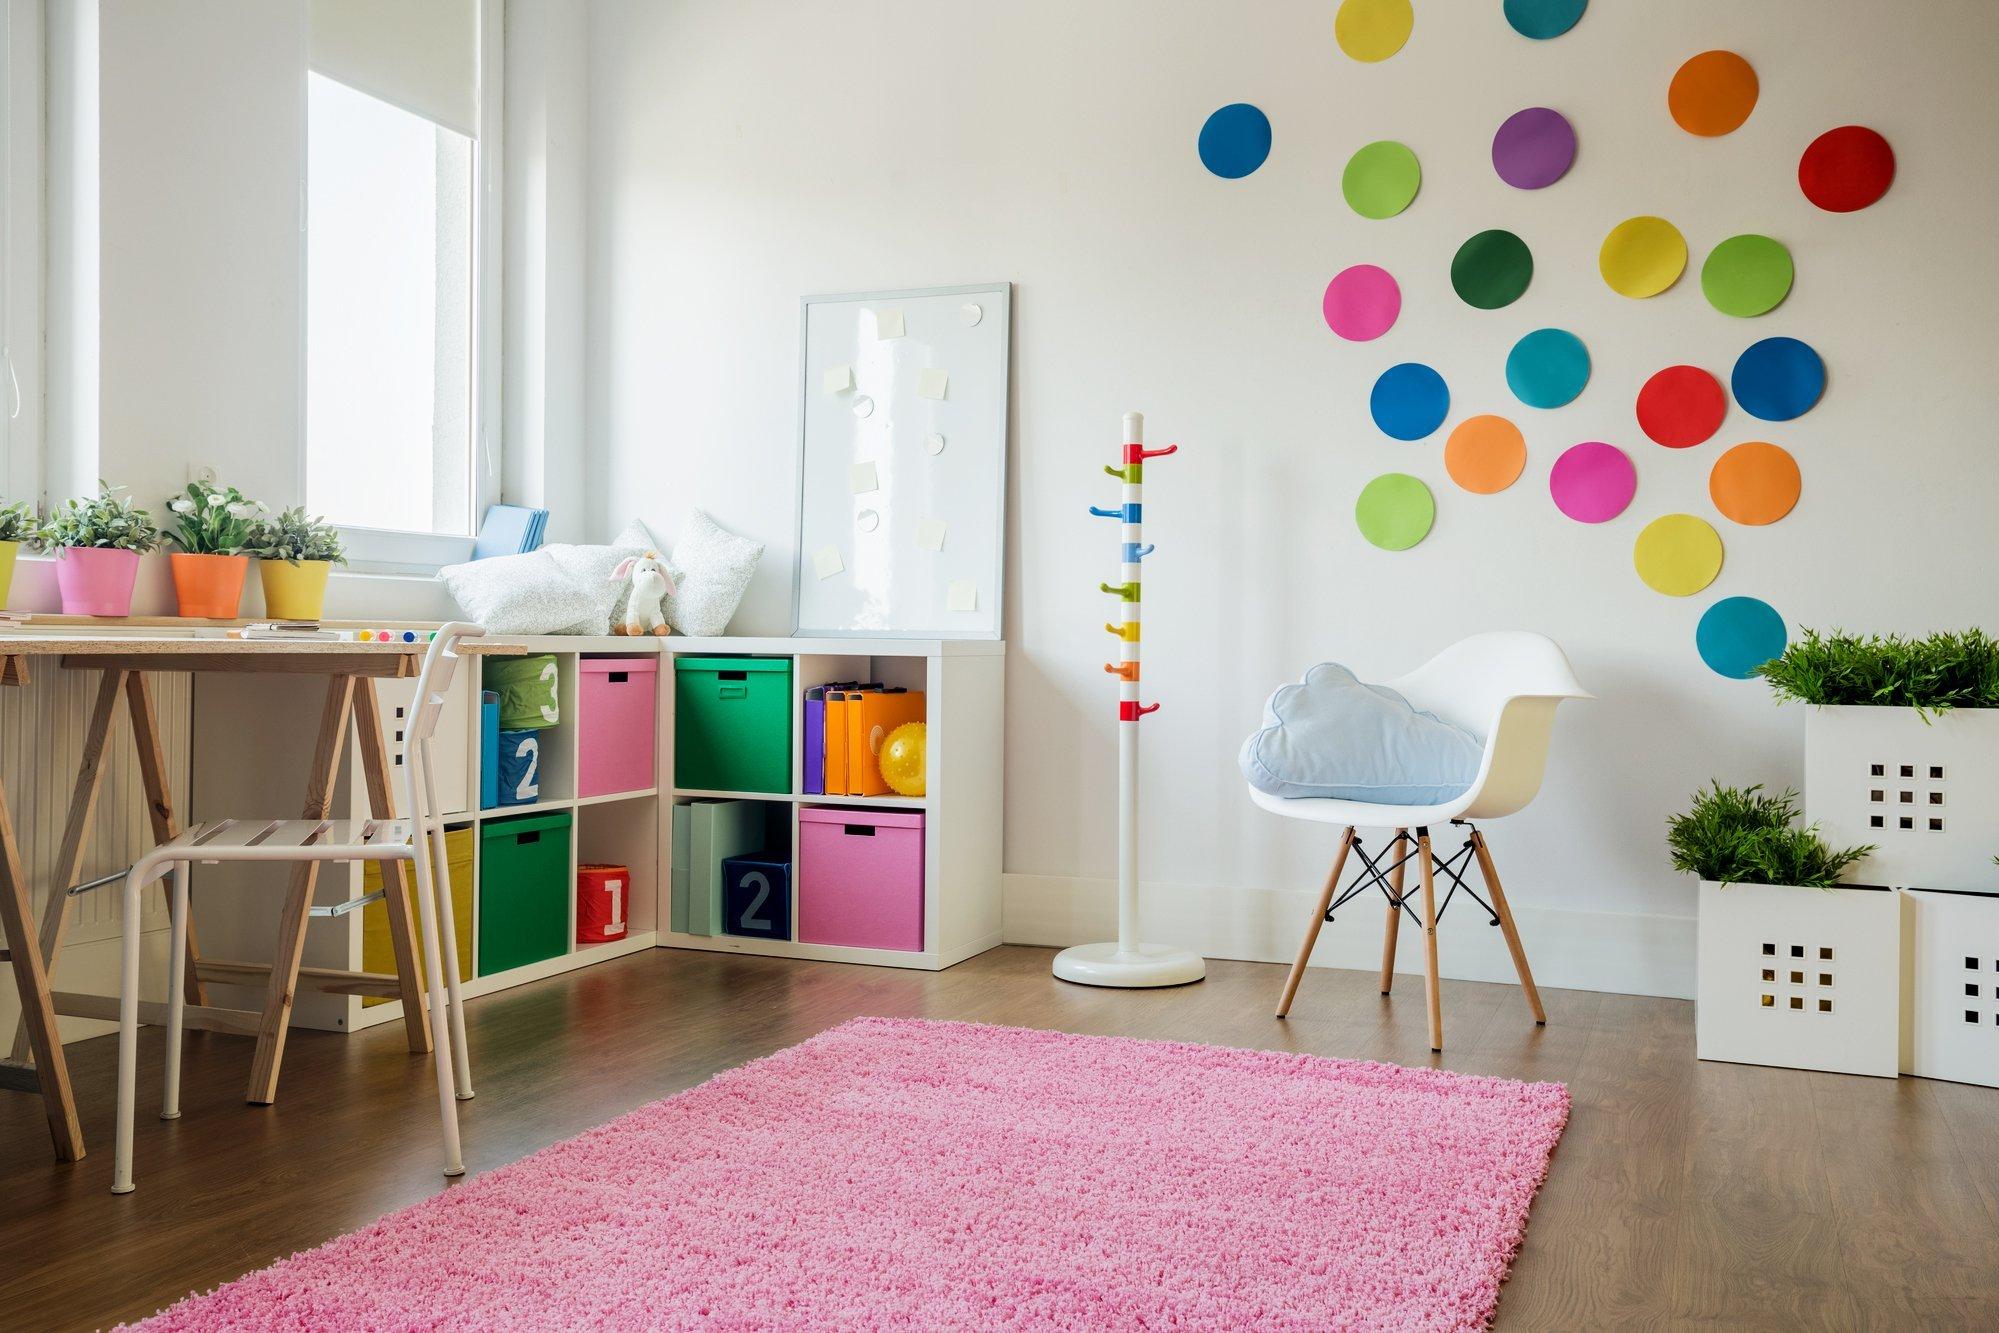 pensando-em-decorar-o-quarto-das-criancas-veja-aqui-6-dicas